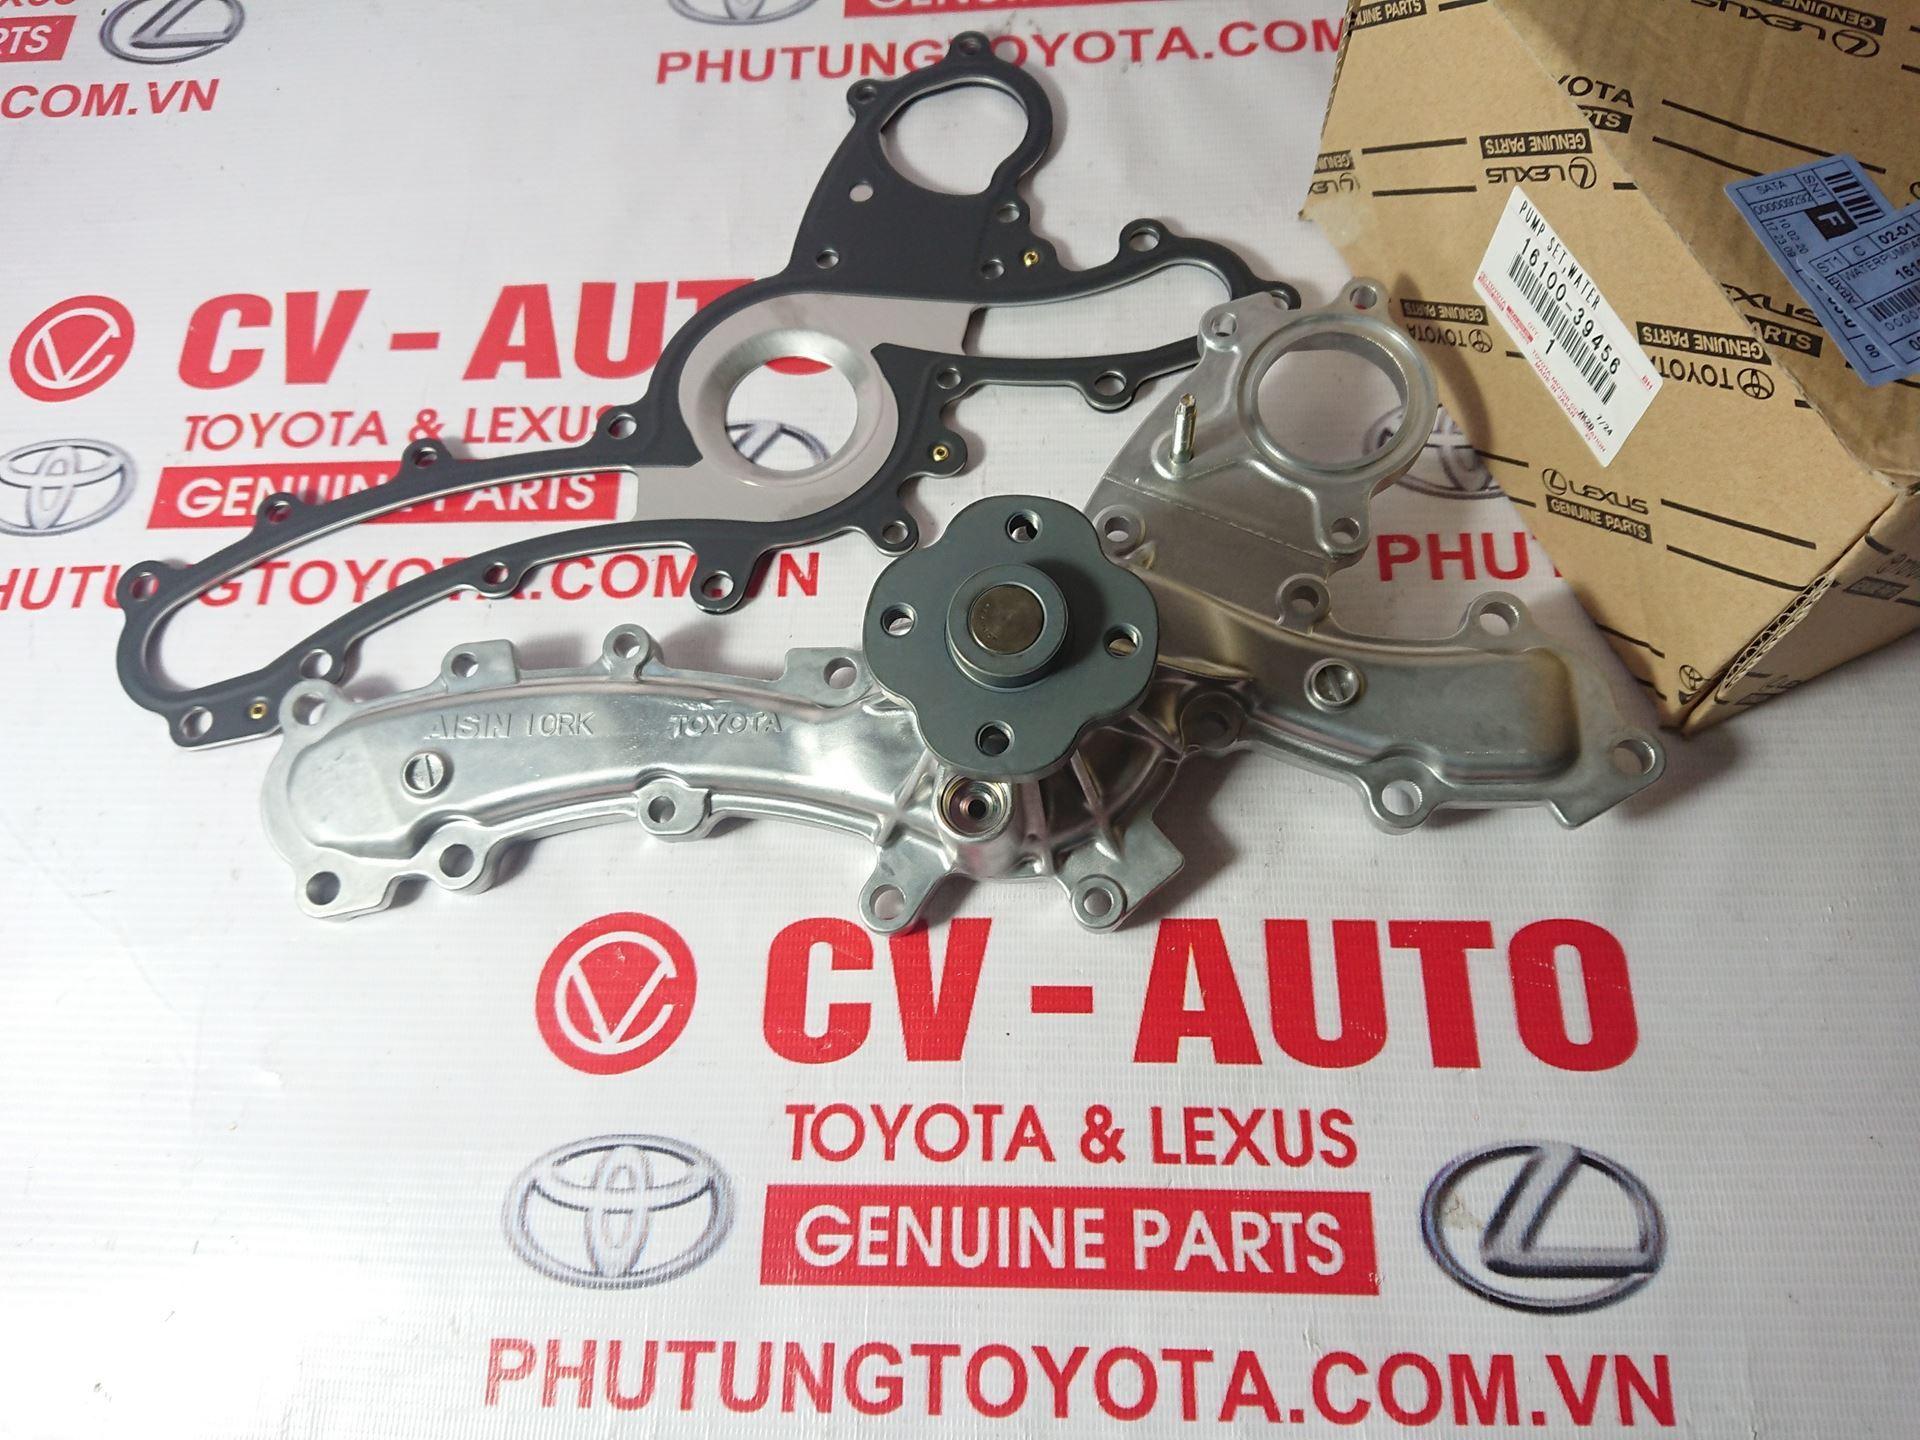 Picture of 16100-39456 Bơm nước Toyota Lexus động cơ 2GR chính hãng